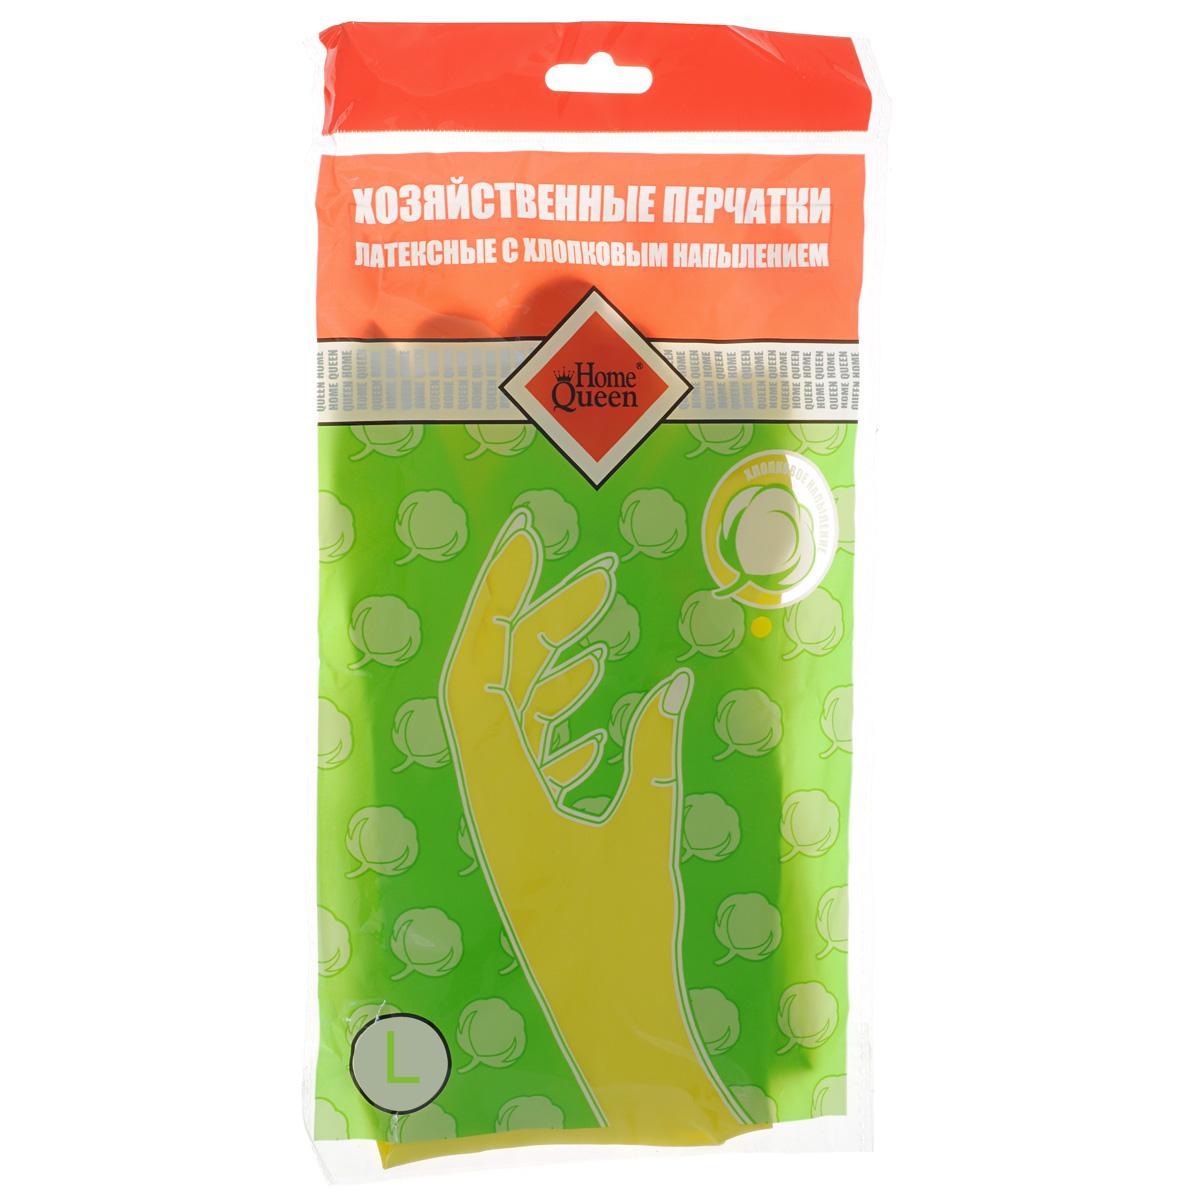 Перчатки латексные Home Queen, с хлопковым напылением. Размер L57106LПерчатки Home Queen защитят ваши руки от воздействия бытовой химии и грязи. Подойдут для всех видов хозяйственных работ. Выполнены из латекса с хлопковым напылением.